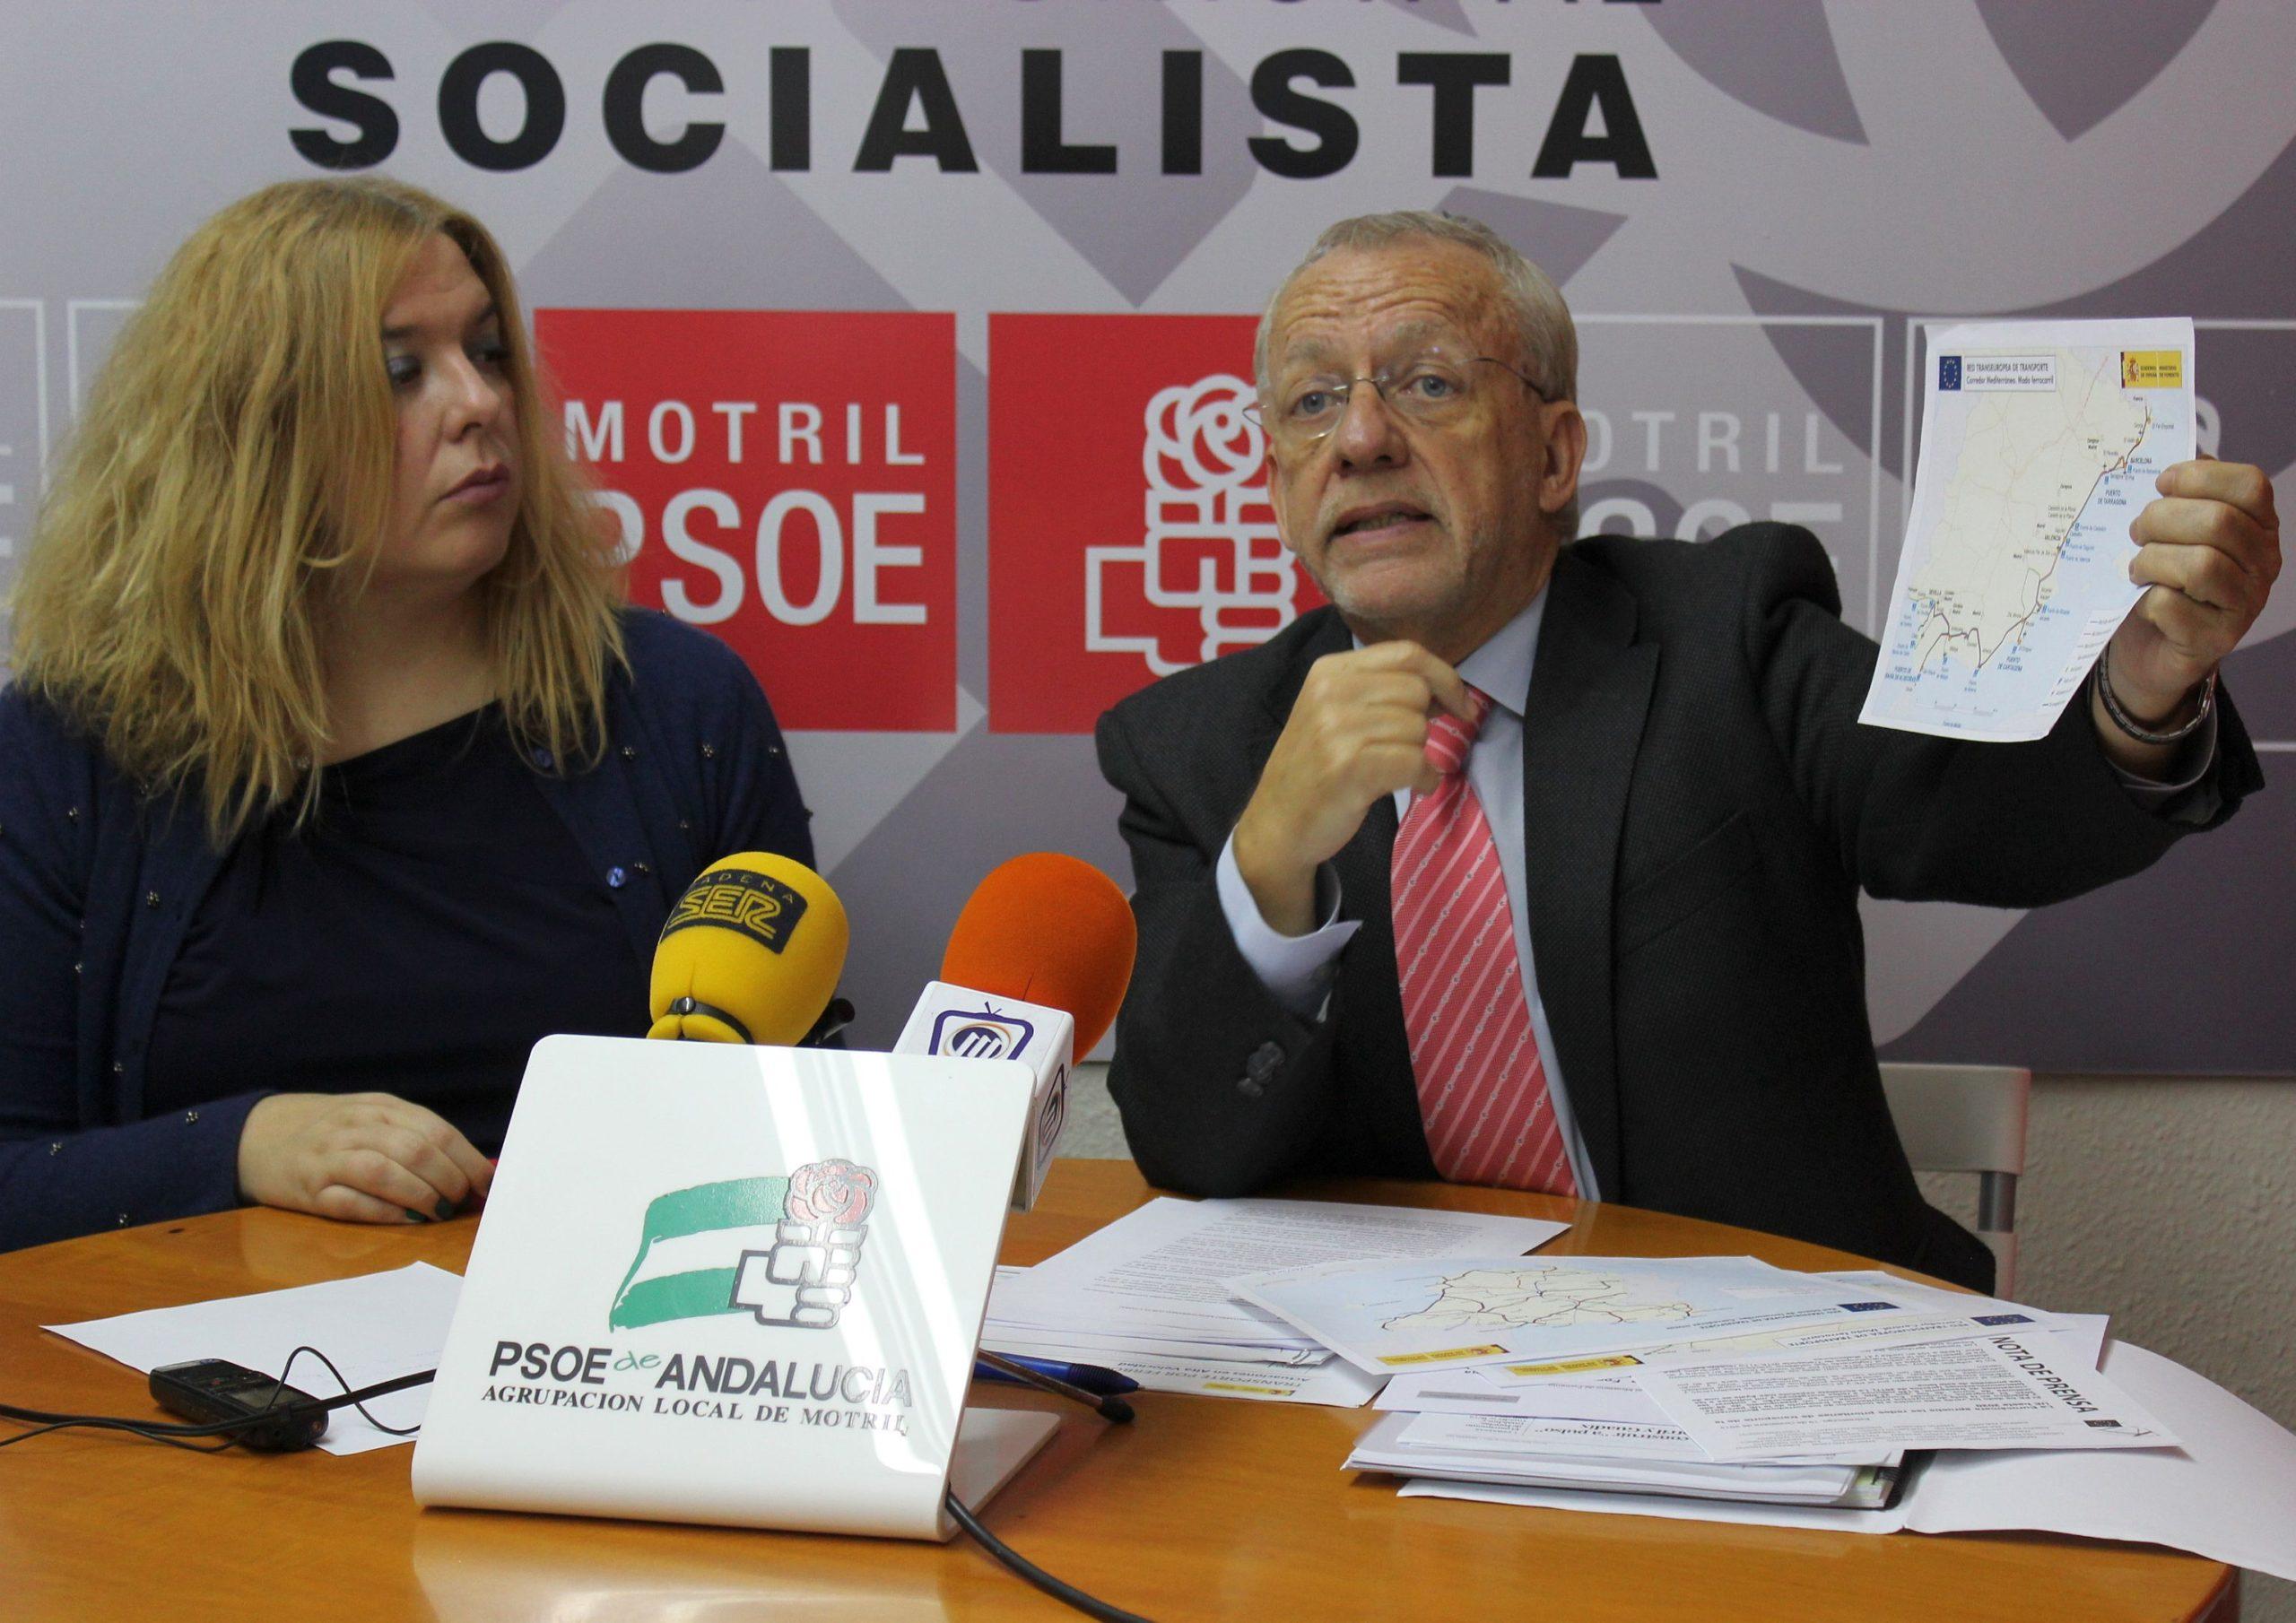 El diputado del PSOE Manuel Pezzi muestra el mapa con el trazado del Corredroo ferroviario del Mediterráneo junto a la secretaria general del PSOE de Motril Flor Almón